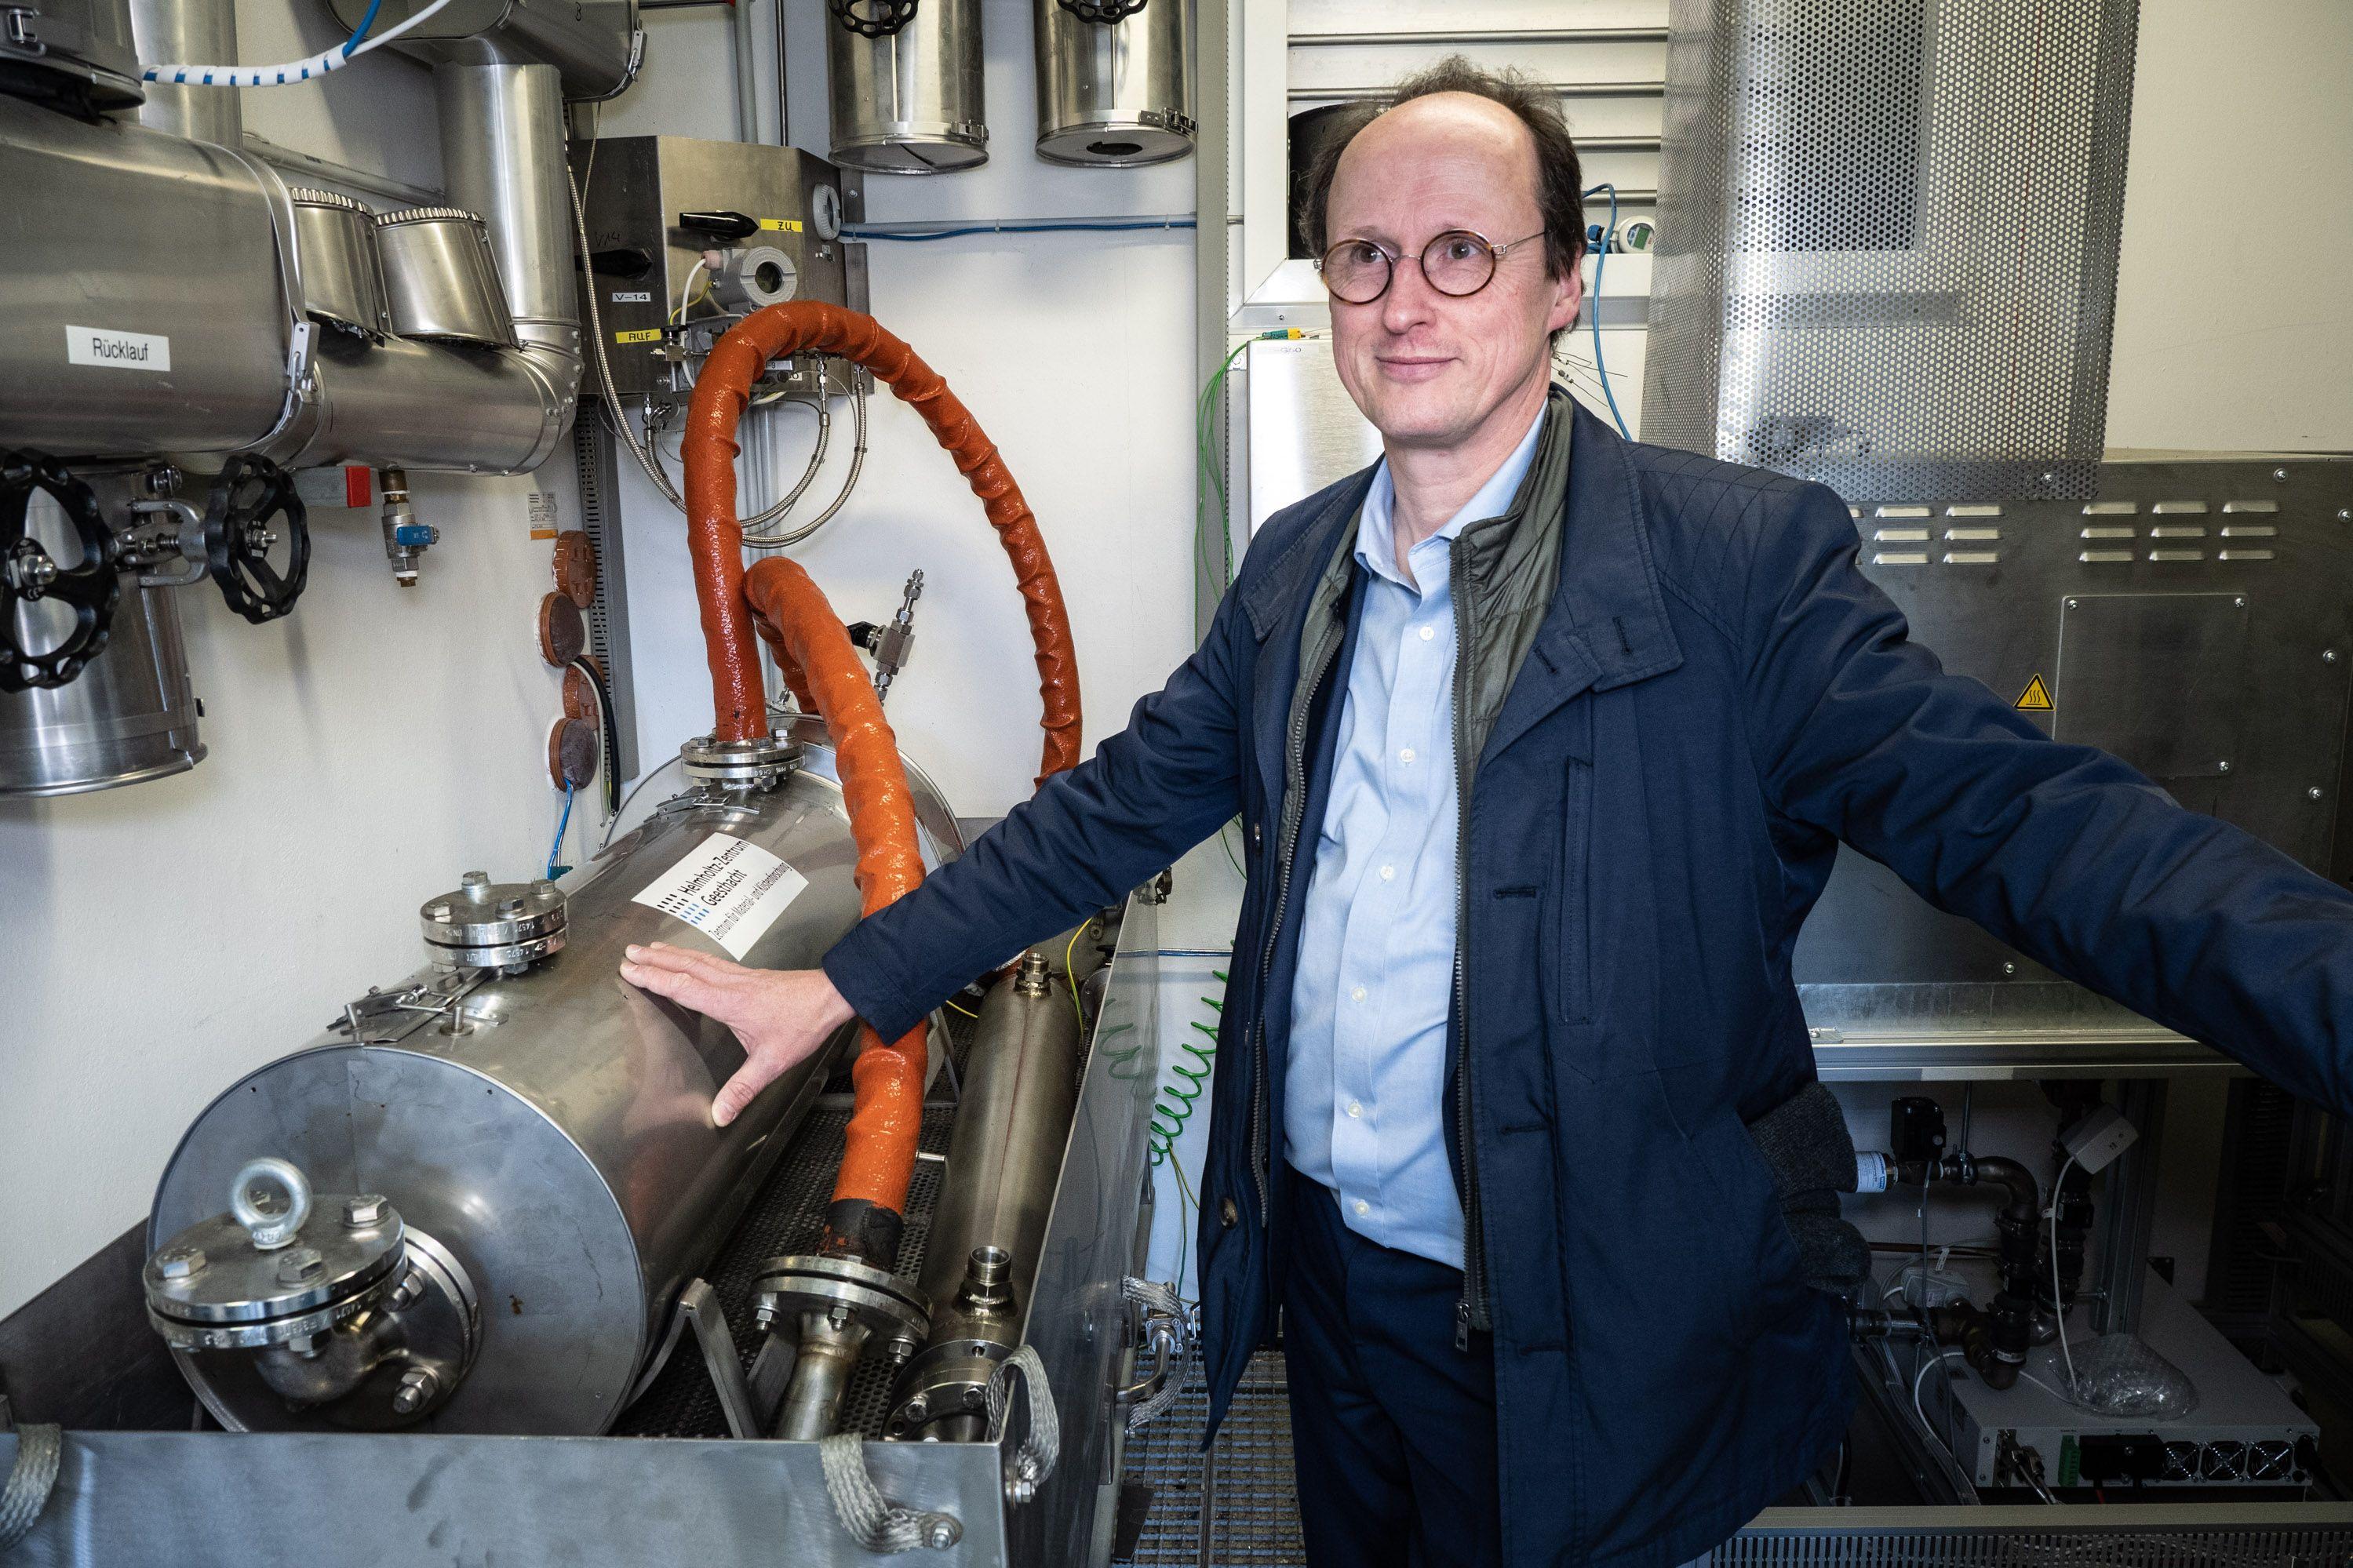 Brennstoffzellenauto: Pack die Metallhydrid-Tabletten in den Tank! - Thomas Klassen vom HZG mit einem der neuartigen Wasserstofftanks (Bild: Martin Wolf/Golem.de)